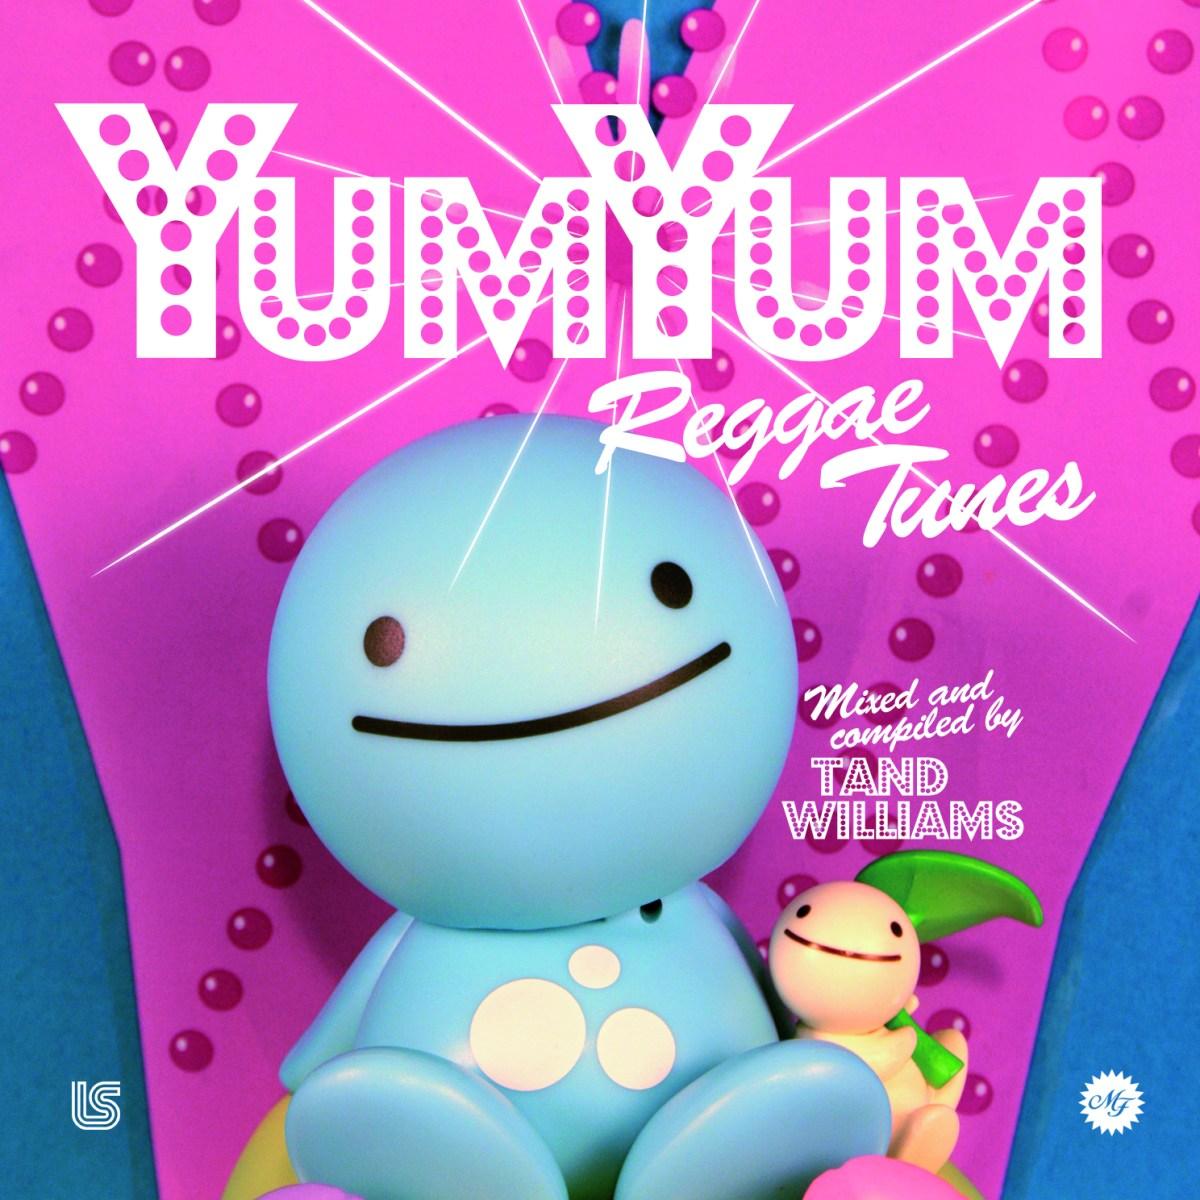 YUM YUM Reggae Tunes 10th Anniversary REPOST